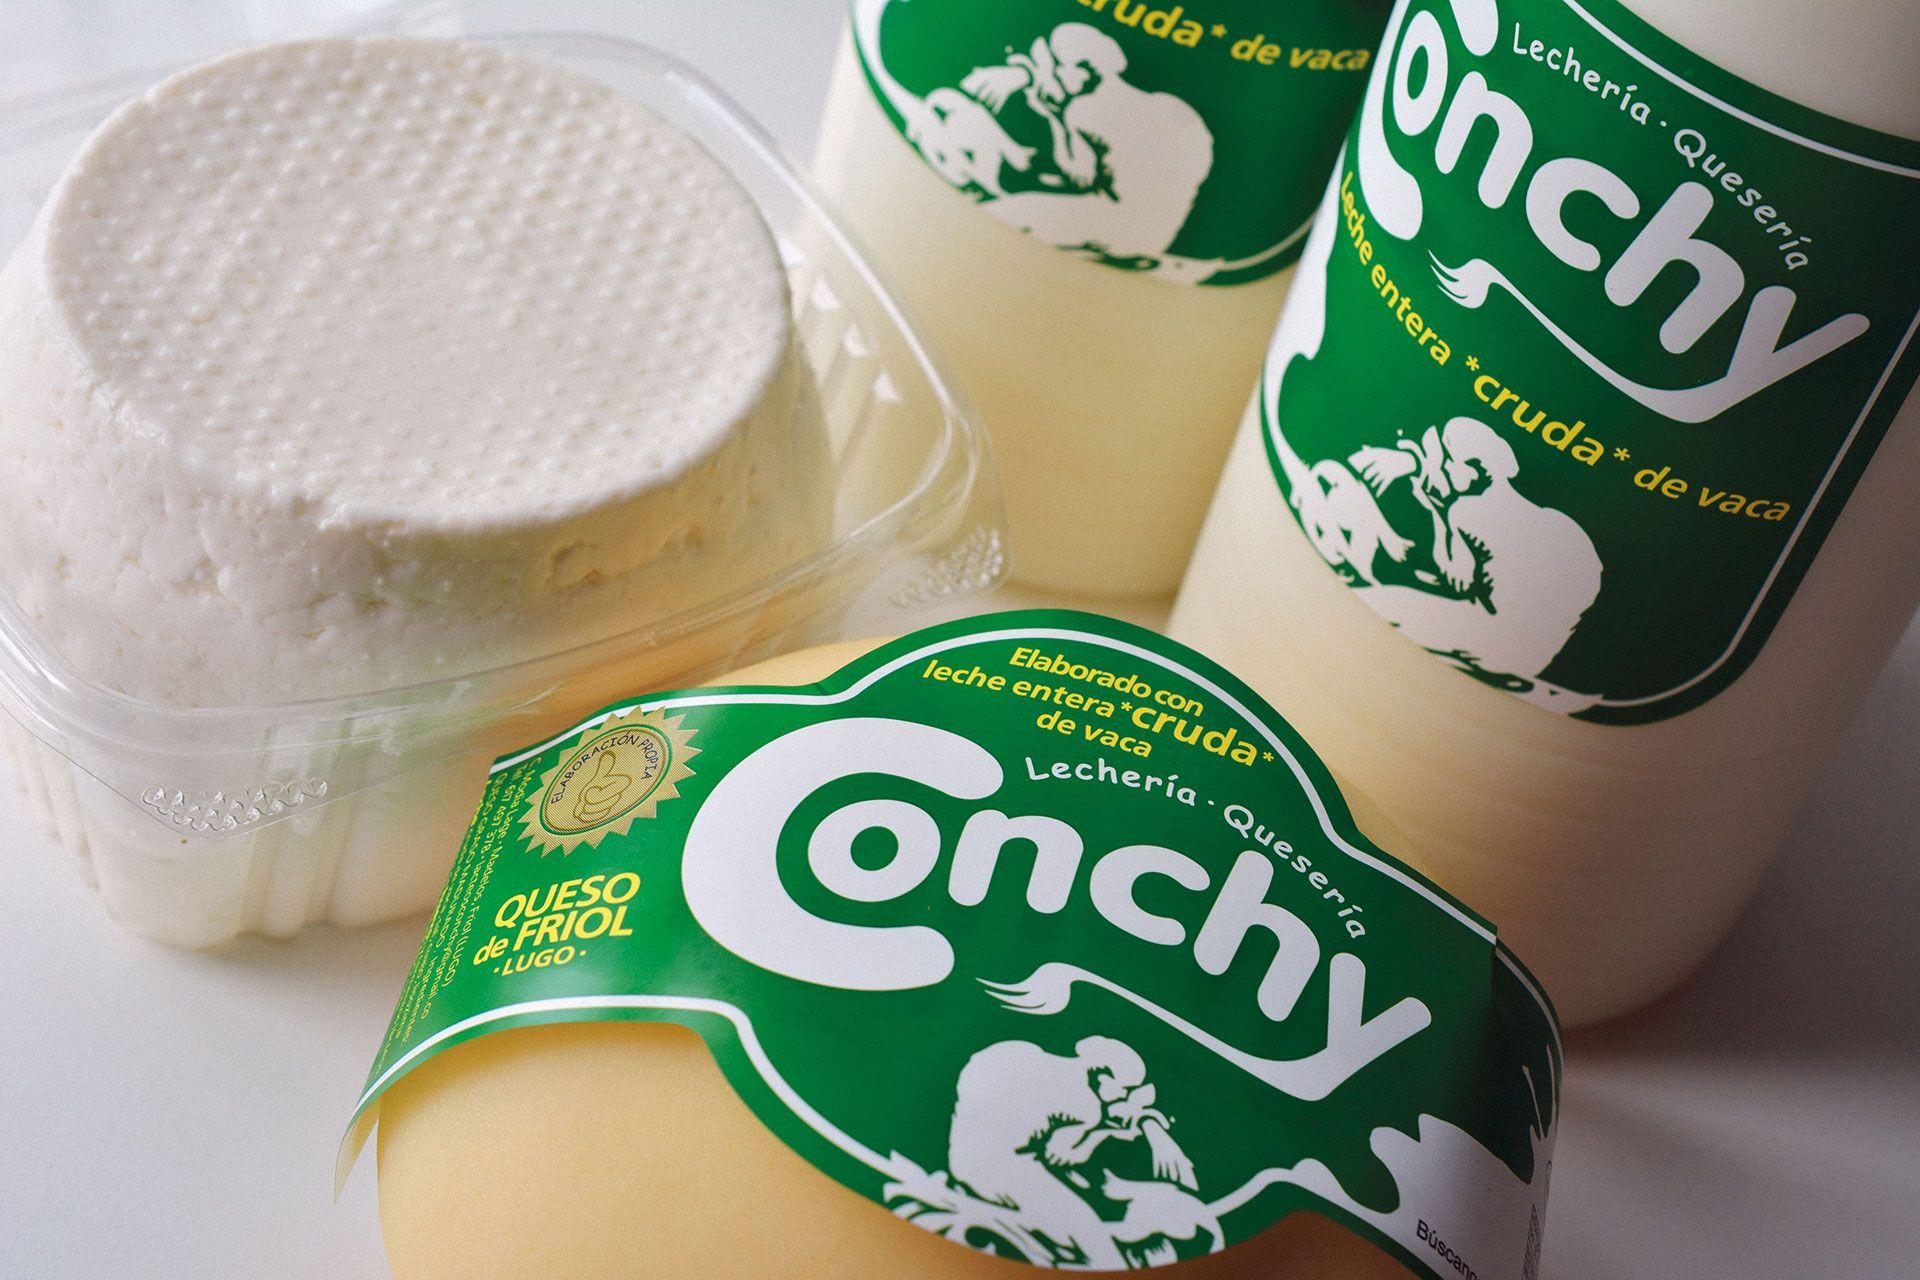 Revista AFRIGA — Ganaderías — Lácteos Conchy